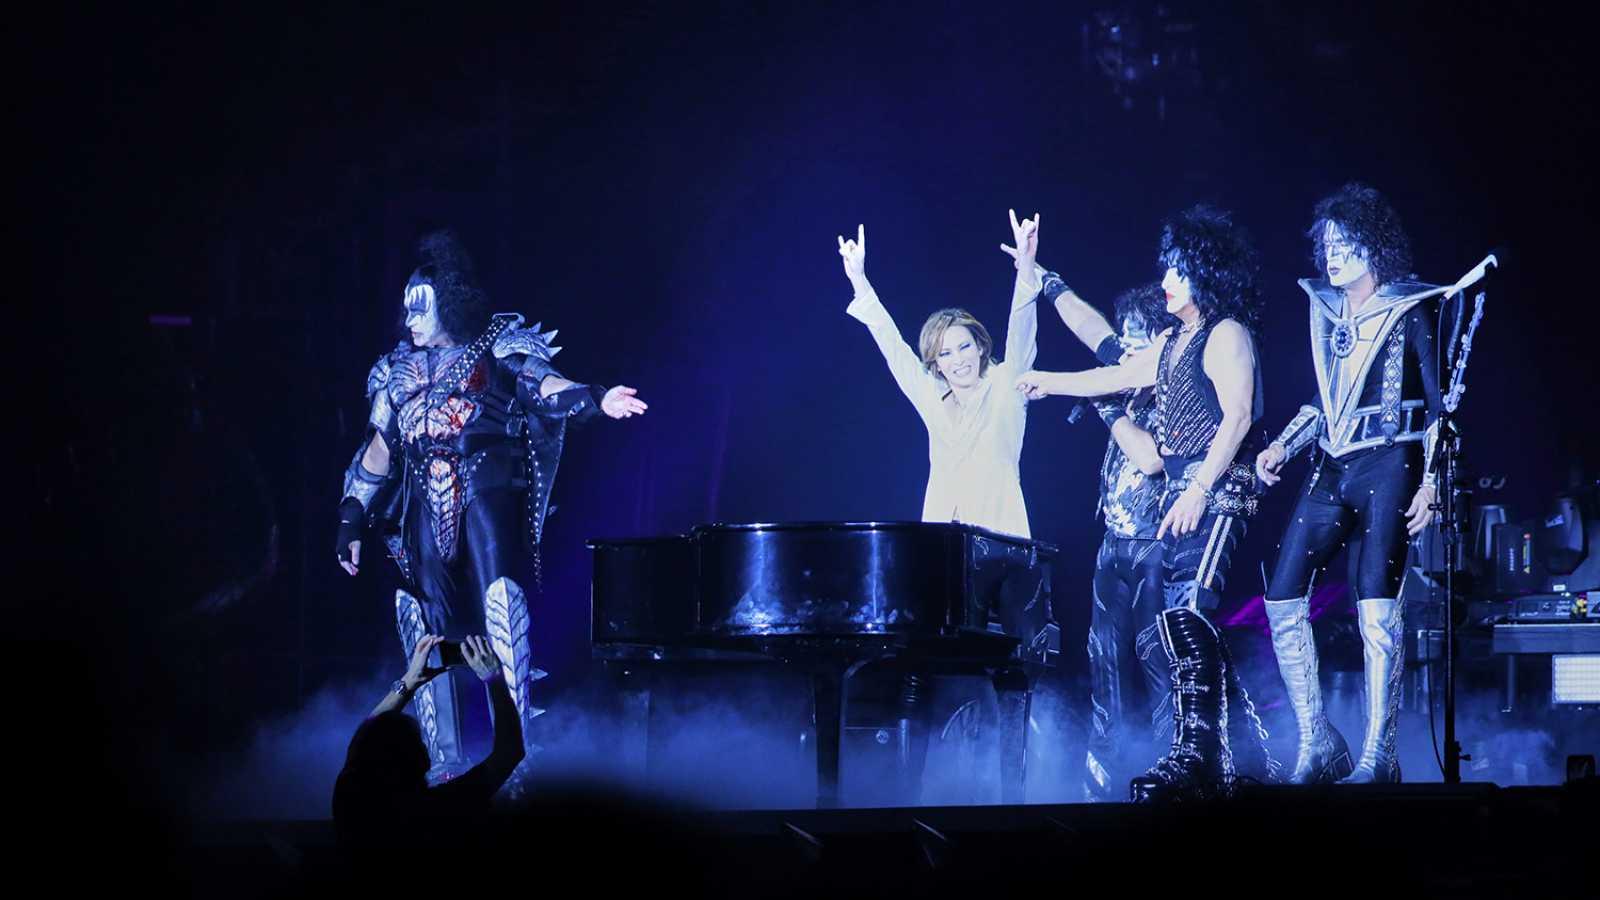 Niespodziewany występ YOSHIKIego z KISS w Tokyo Dome © YOSHIKI/KISS